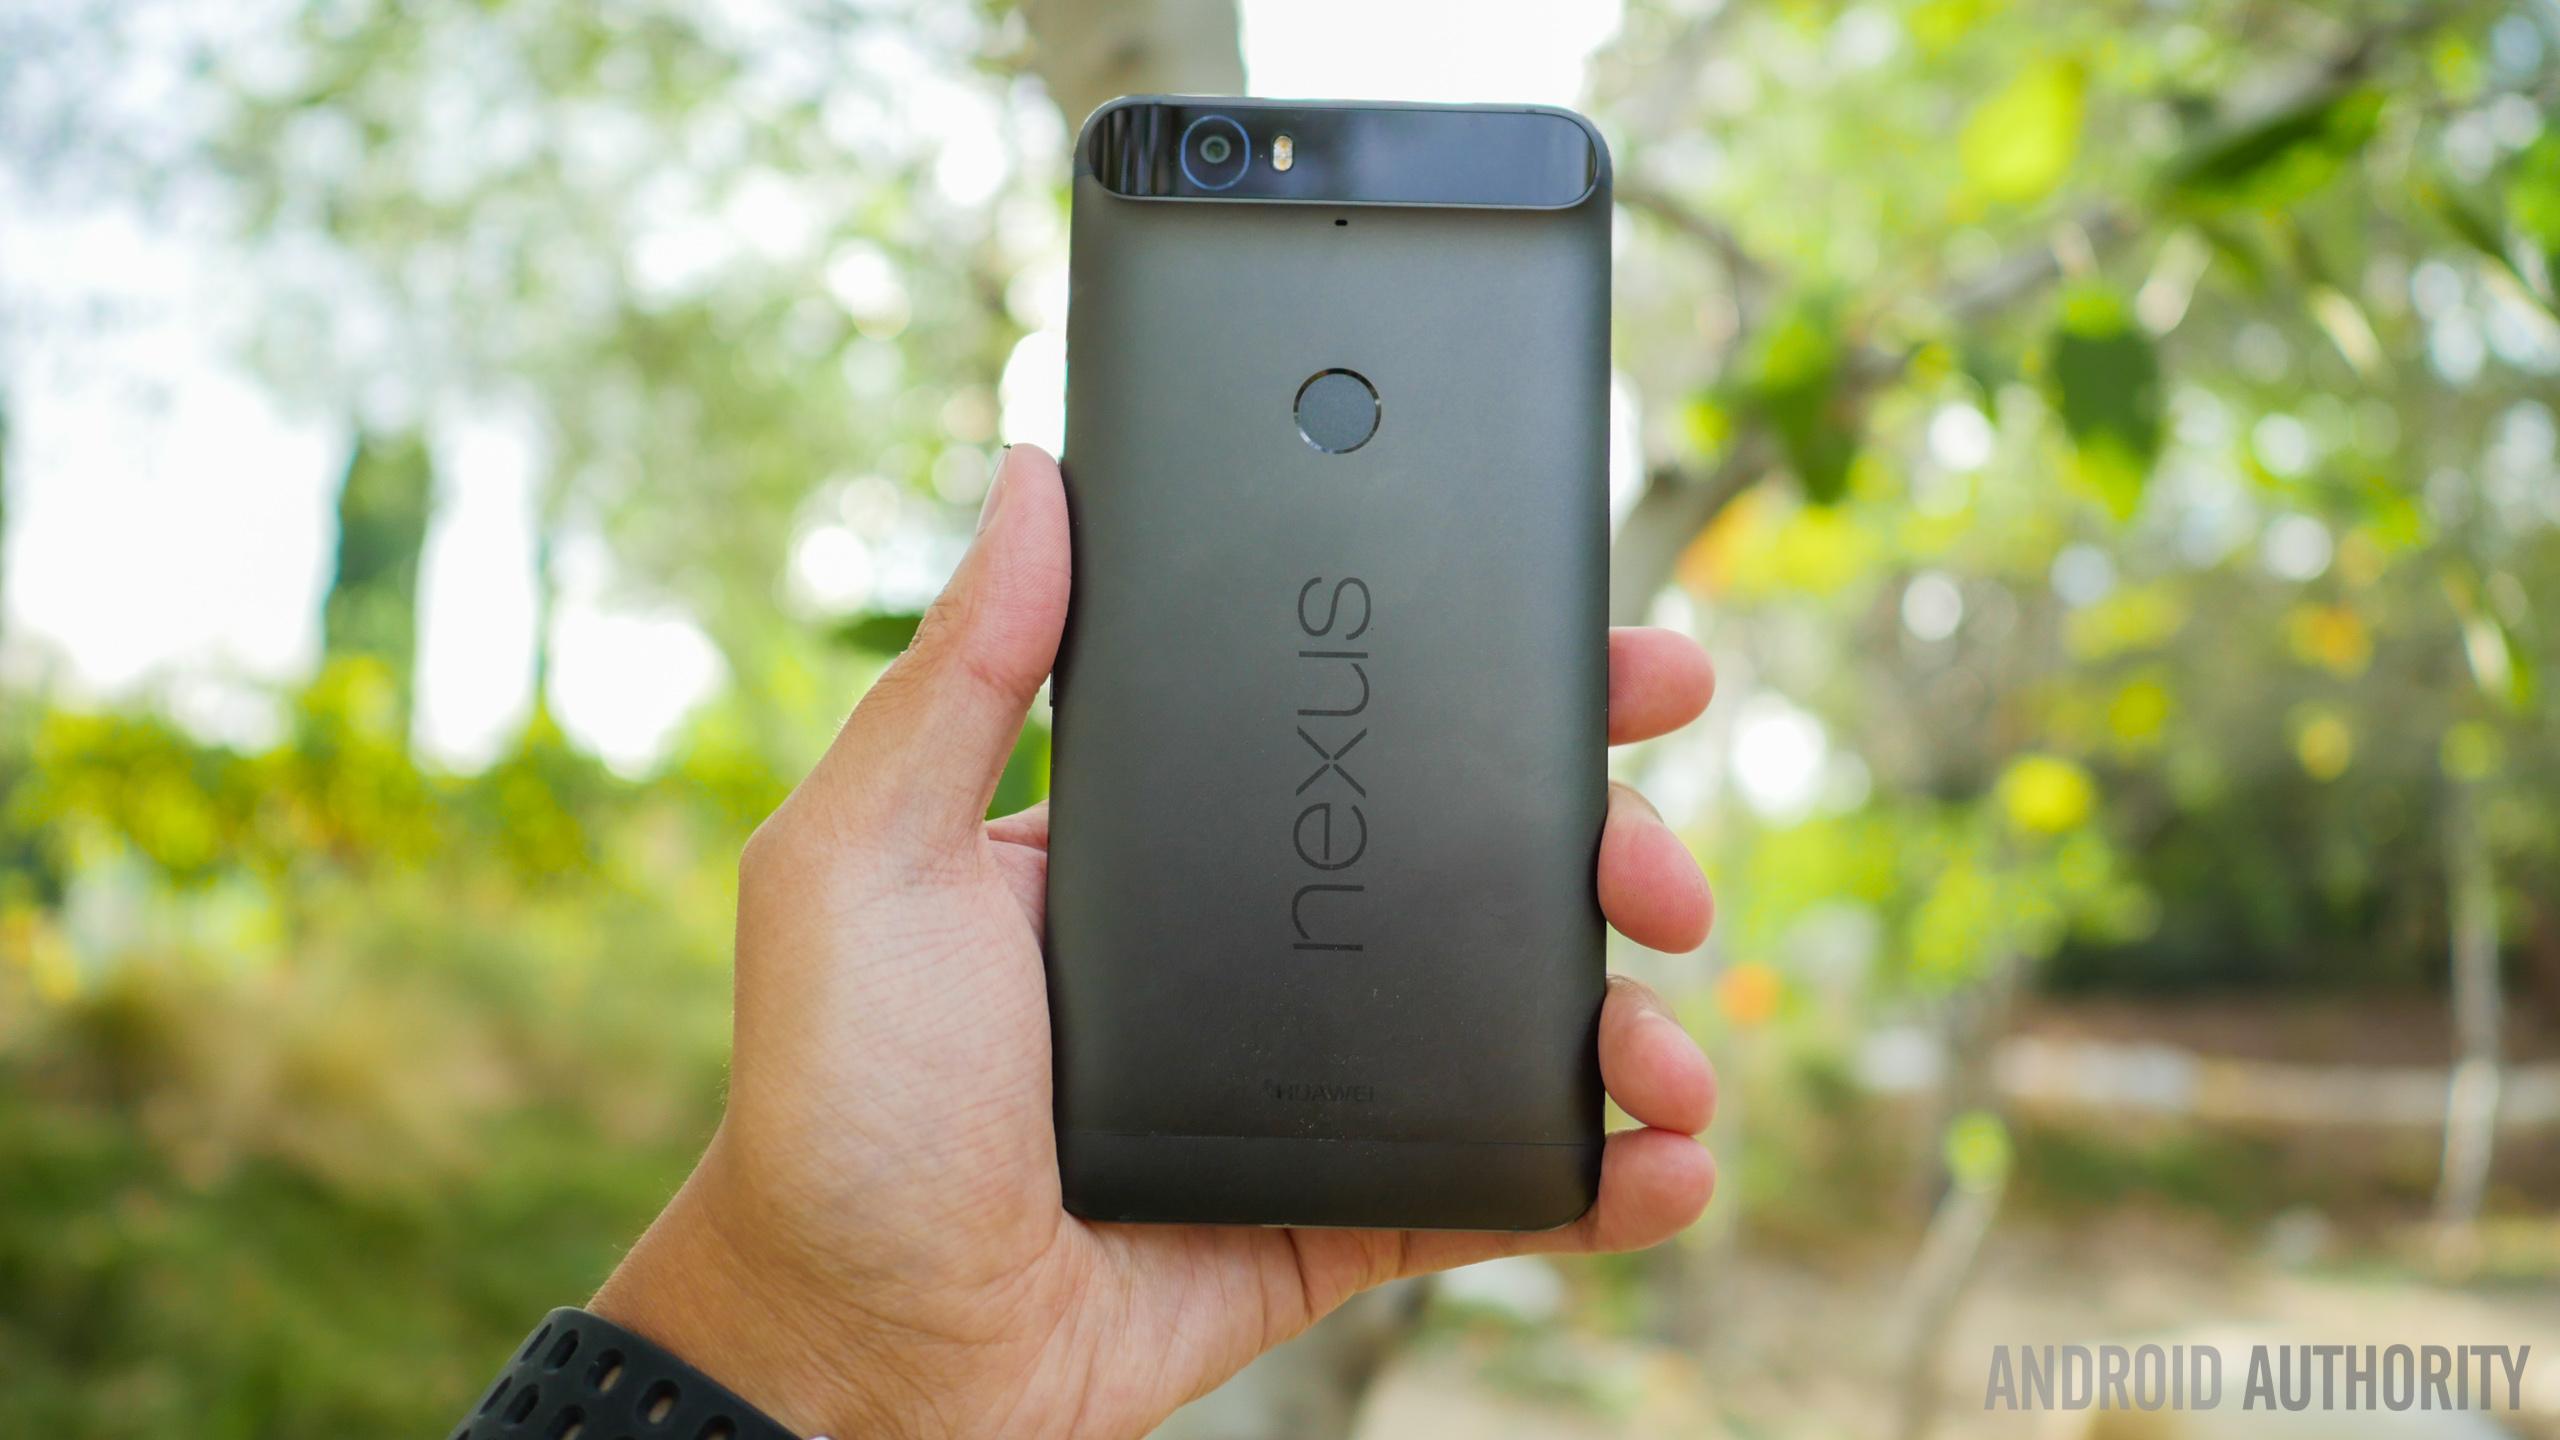 nexus 6p review 2 aa (11 of 30)